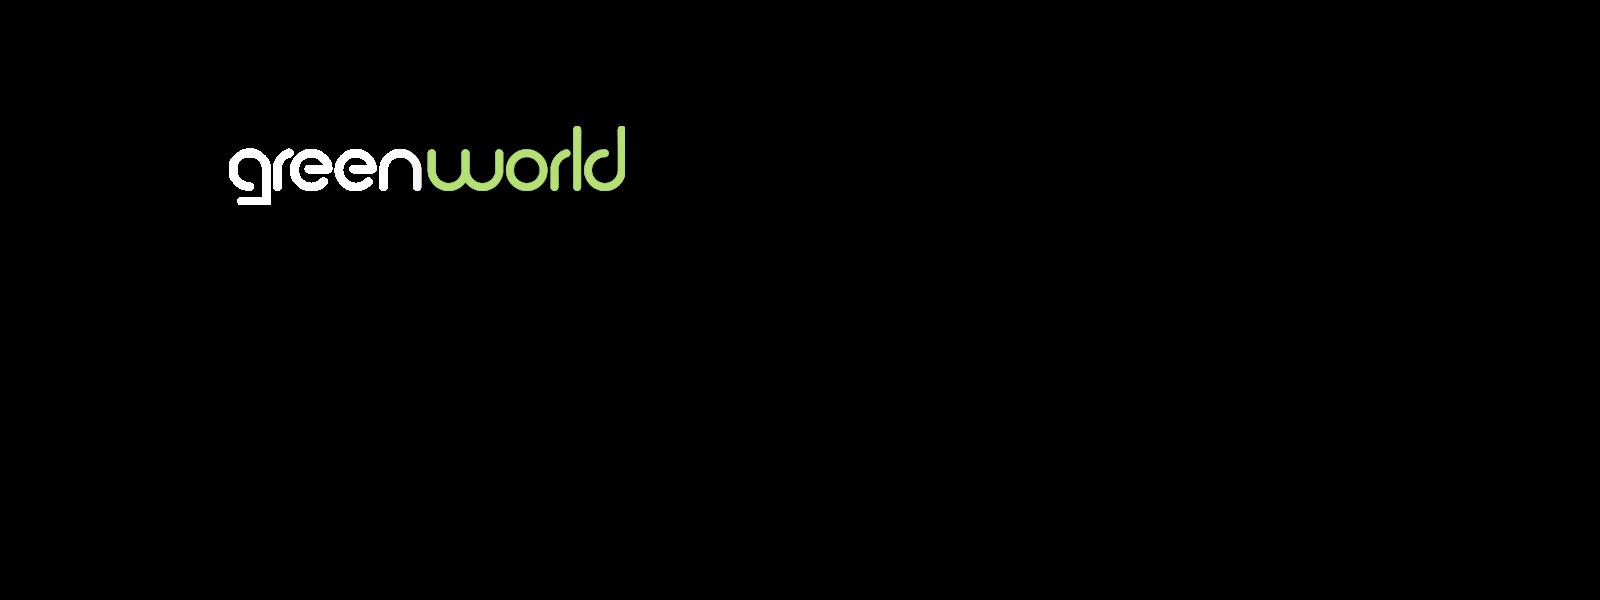 لایه پنجم اسلاید گرین ورلد، هویت بصری گرین ورلد، طراحی لوگو، طراحی لوگوتایپ، شرکت تبلیغاتی الف، طراحی هویت بصری